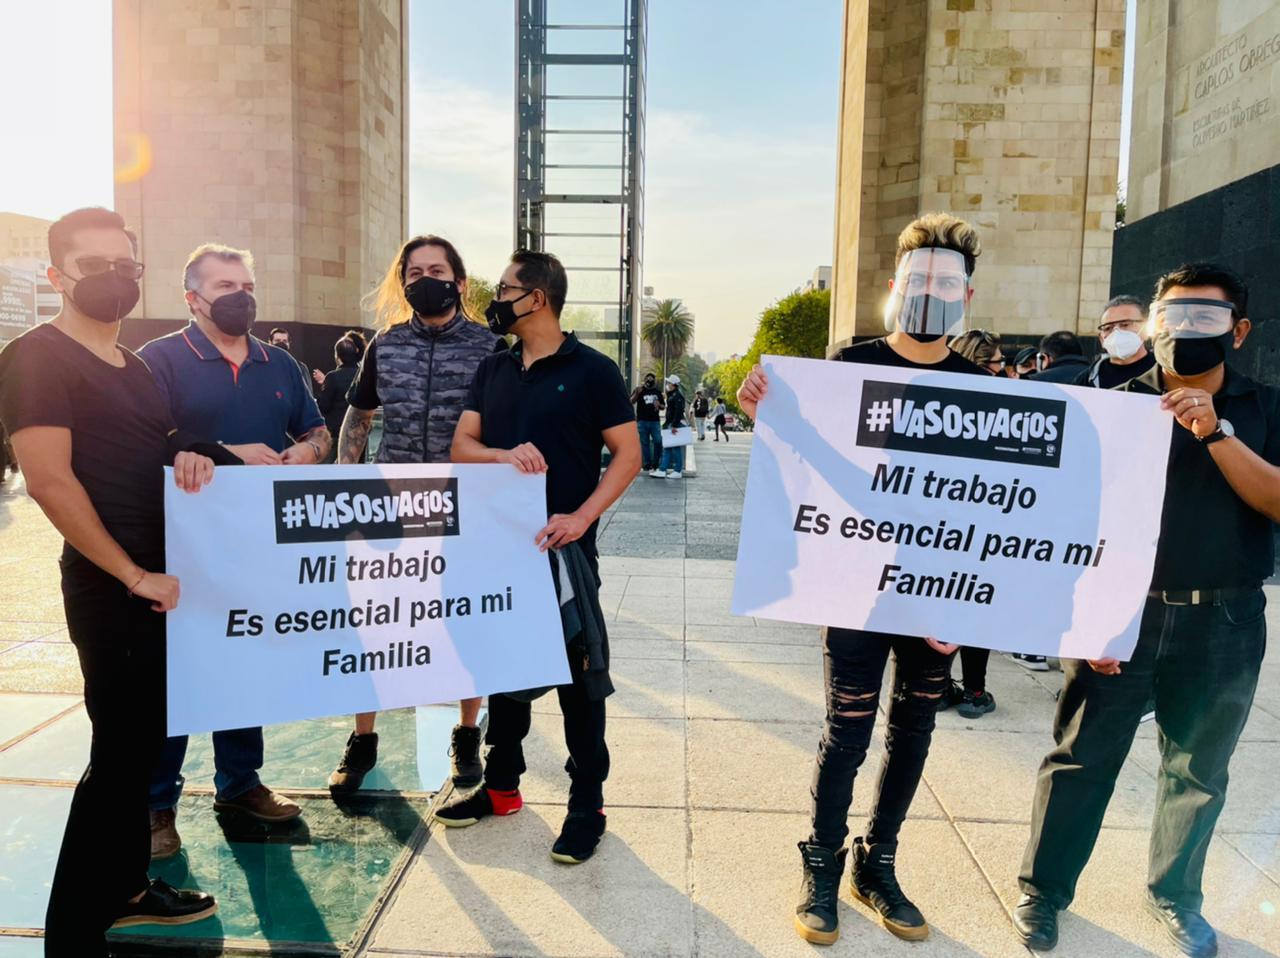 Bares y antros de la CDMX piden apertura en semáforo naranja